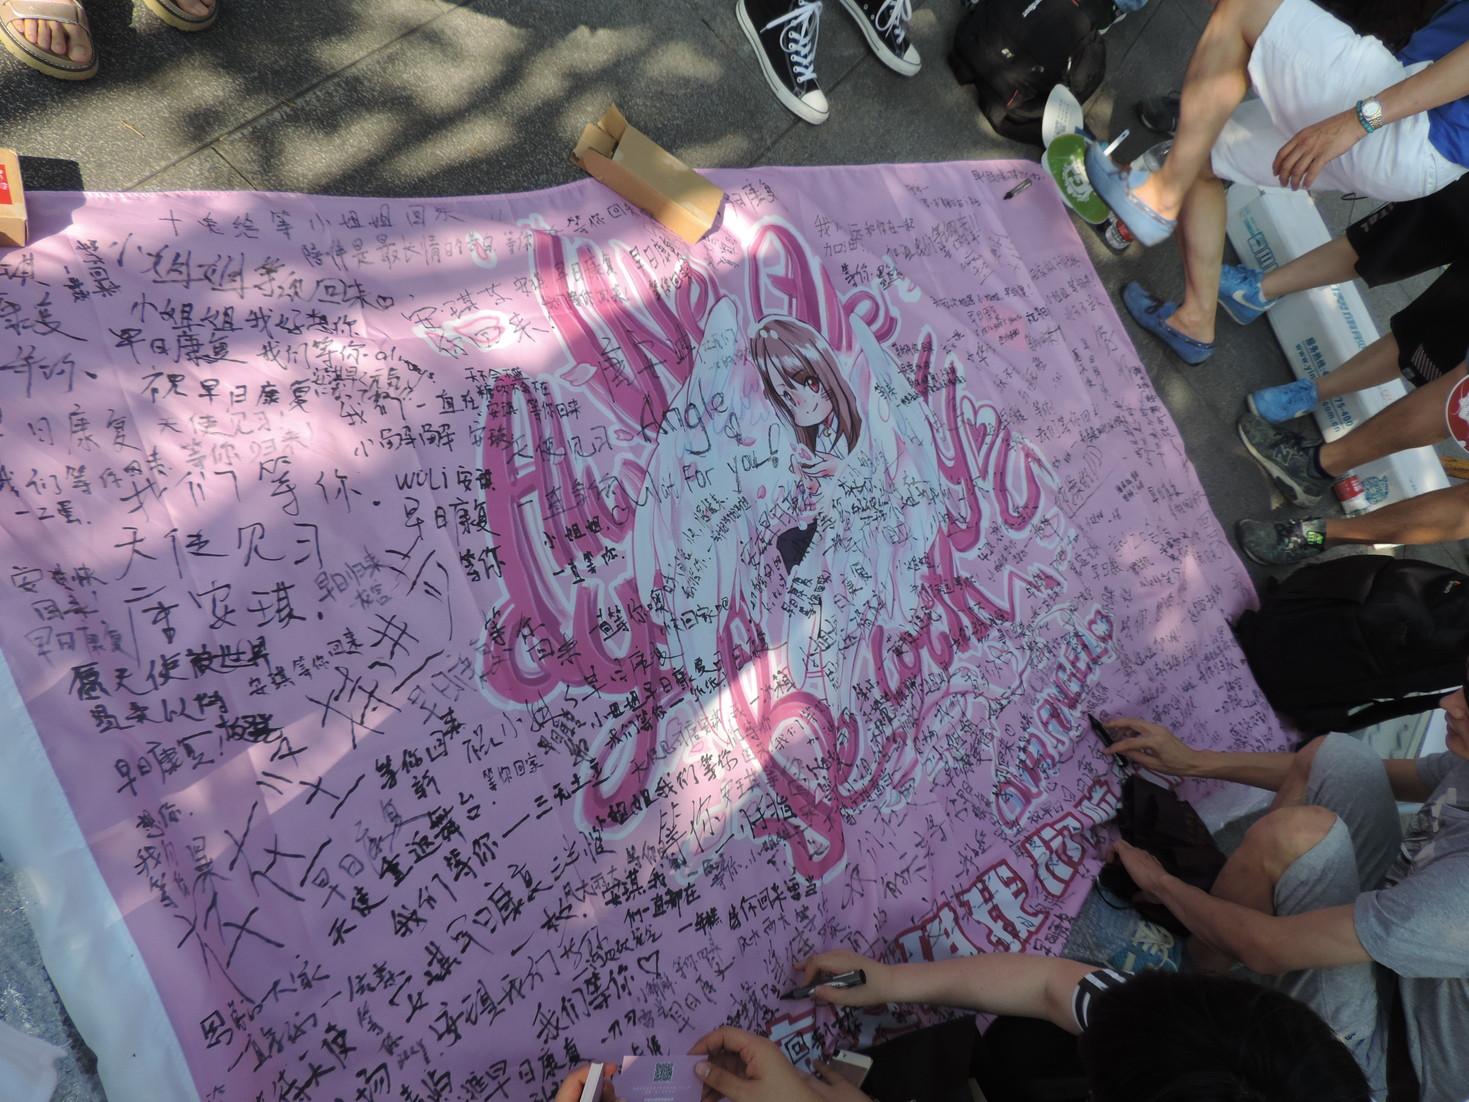 【SNH48唐安琪支援プロジェクト】唐安琪の口座に支援金652,246円を振り込みました!